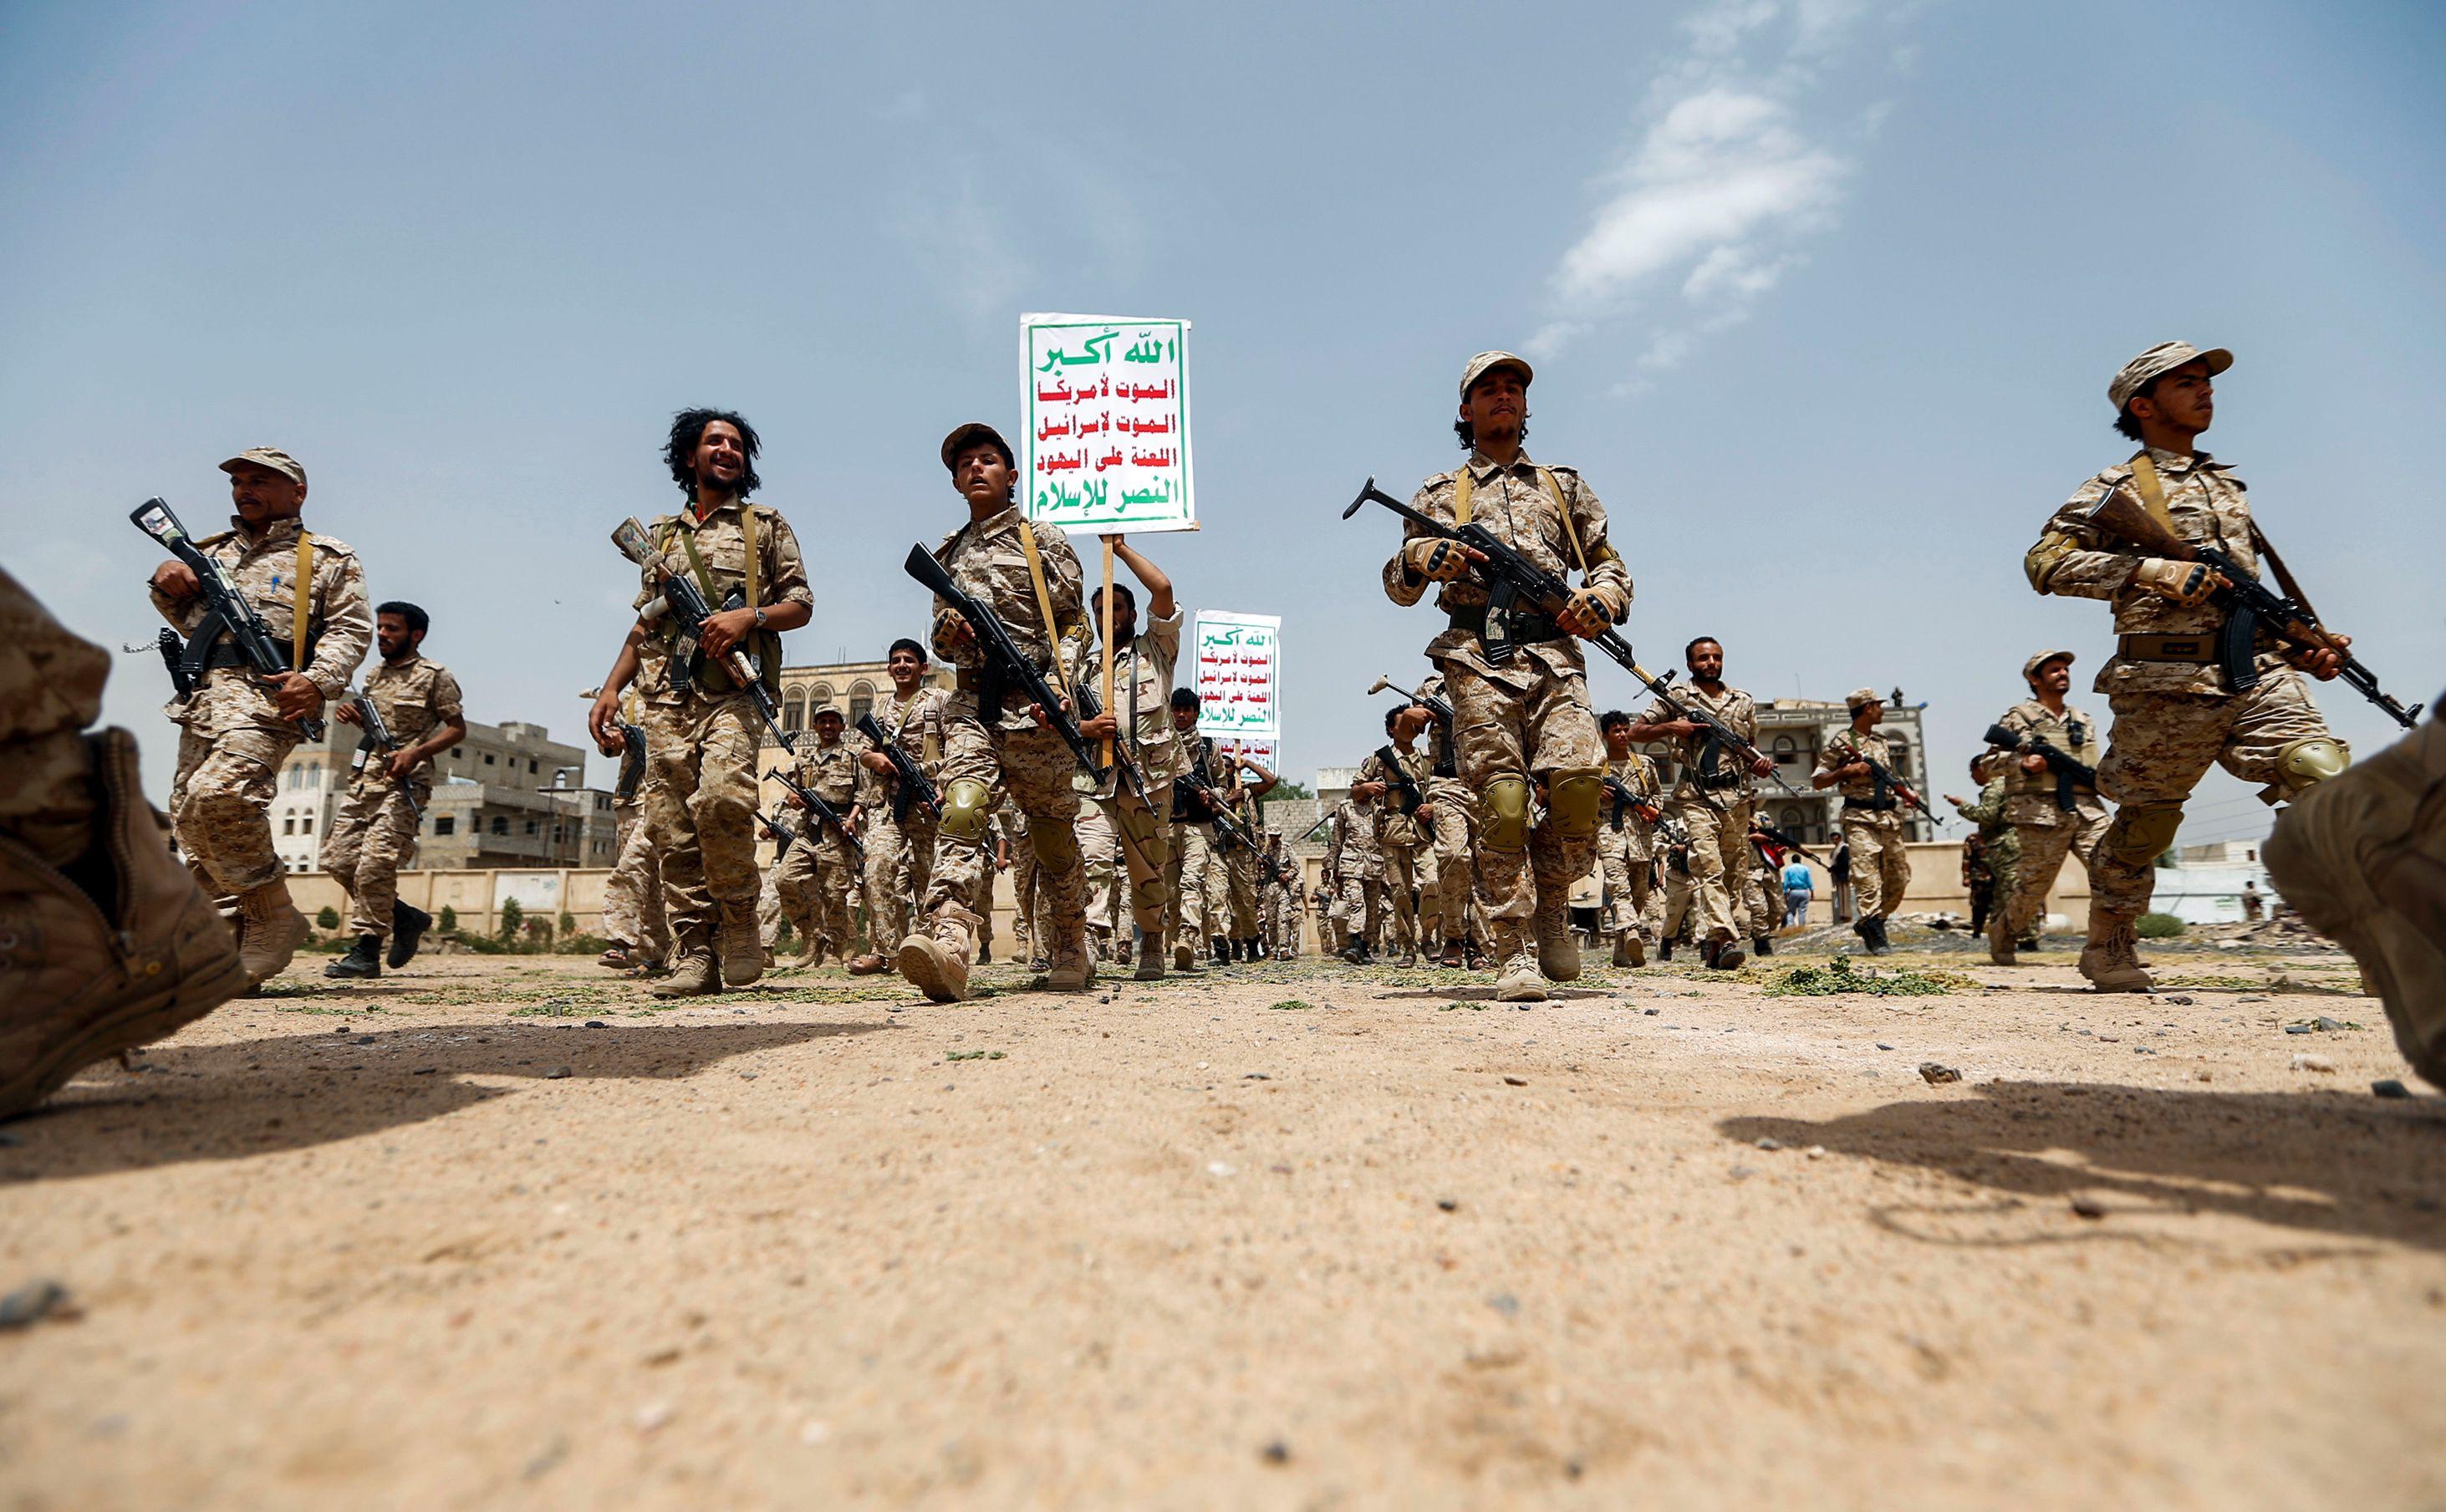 مليشيا الحوثى تقيم عرضا عسكريا